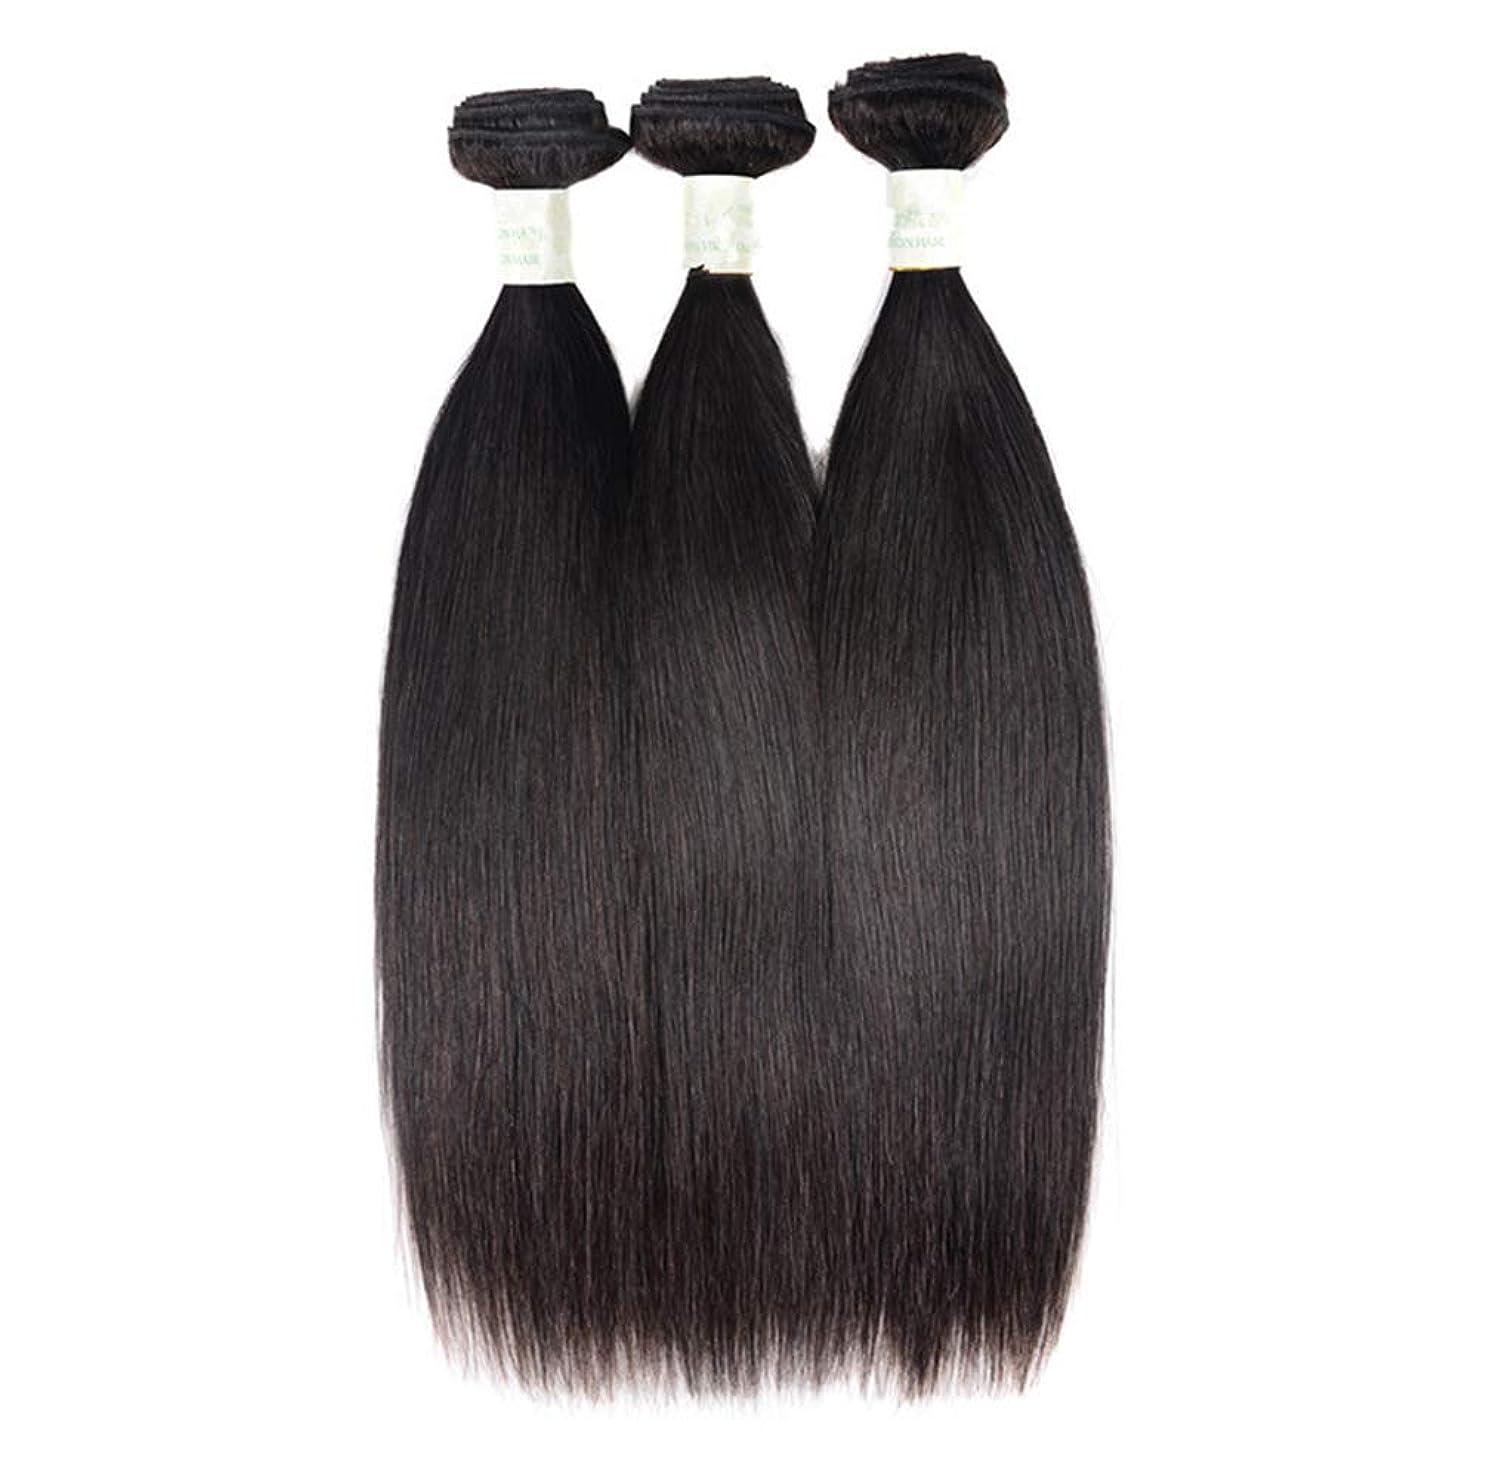 サミットヒロインただやる3バンドル人間の髪織りバンドルグレード8Aブラジルバージン毛延長横糸レミーストレート#1Bナチュラル